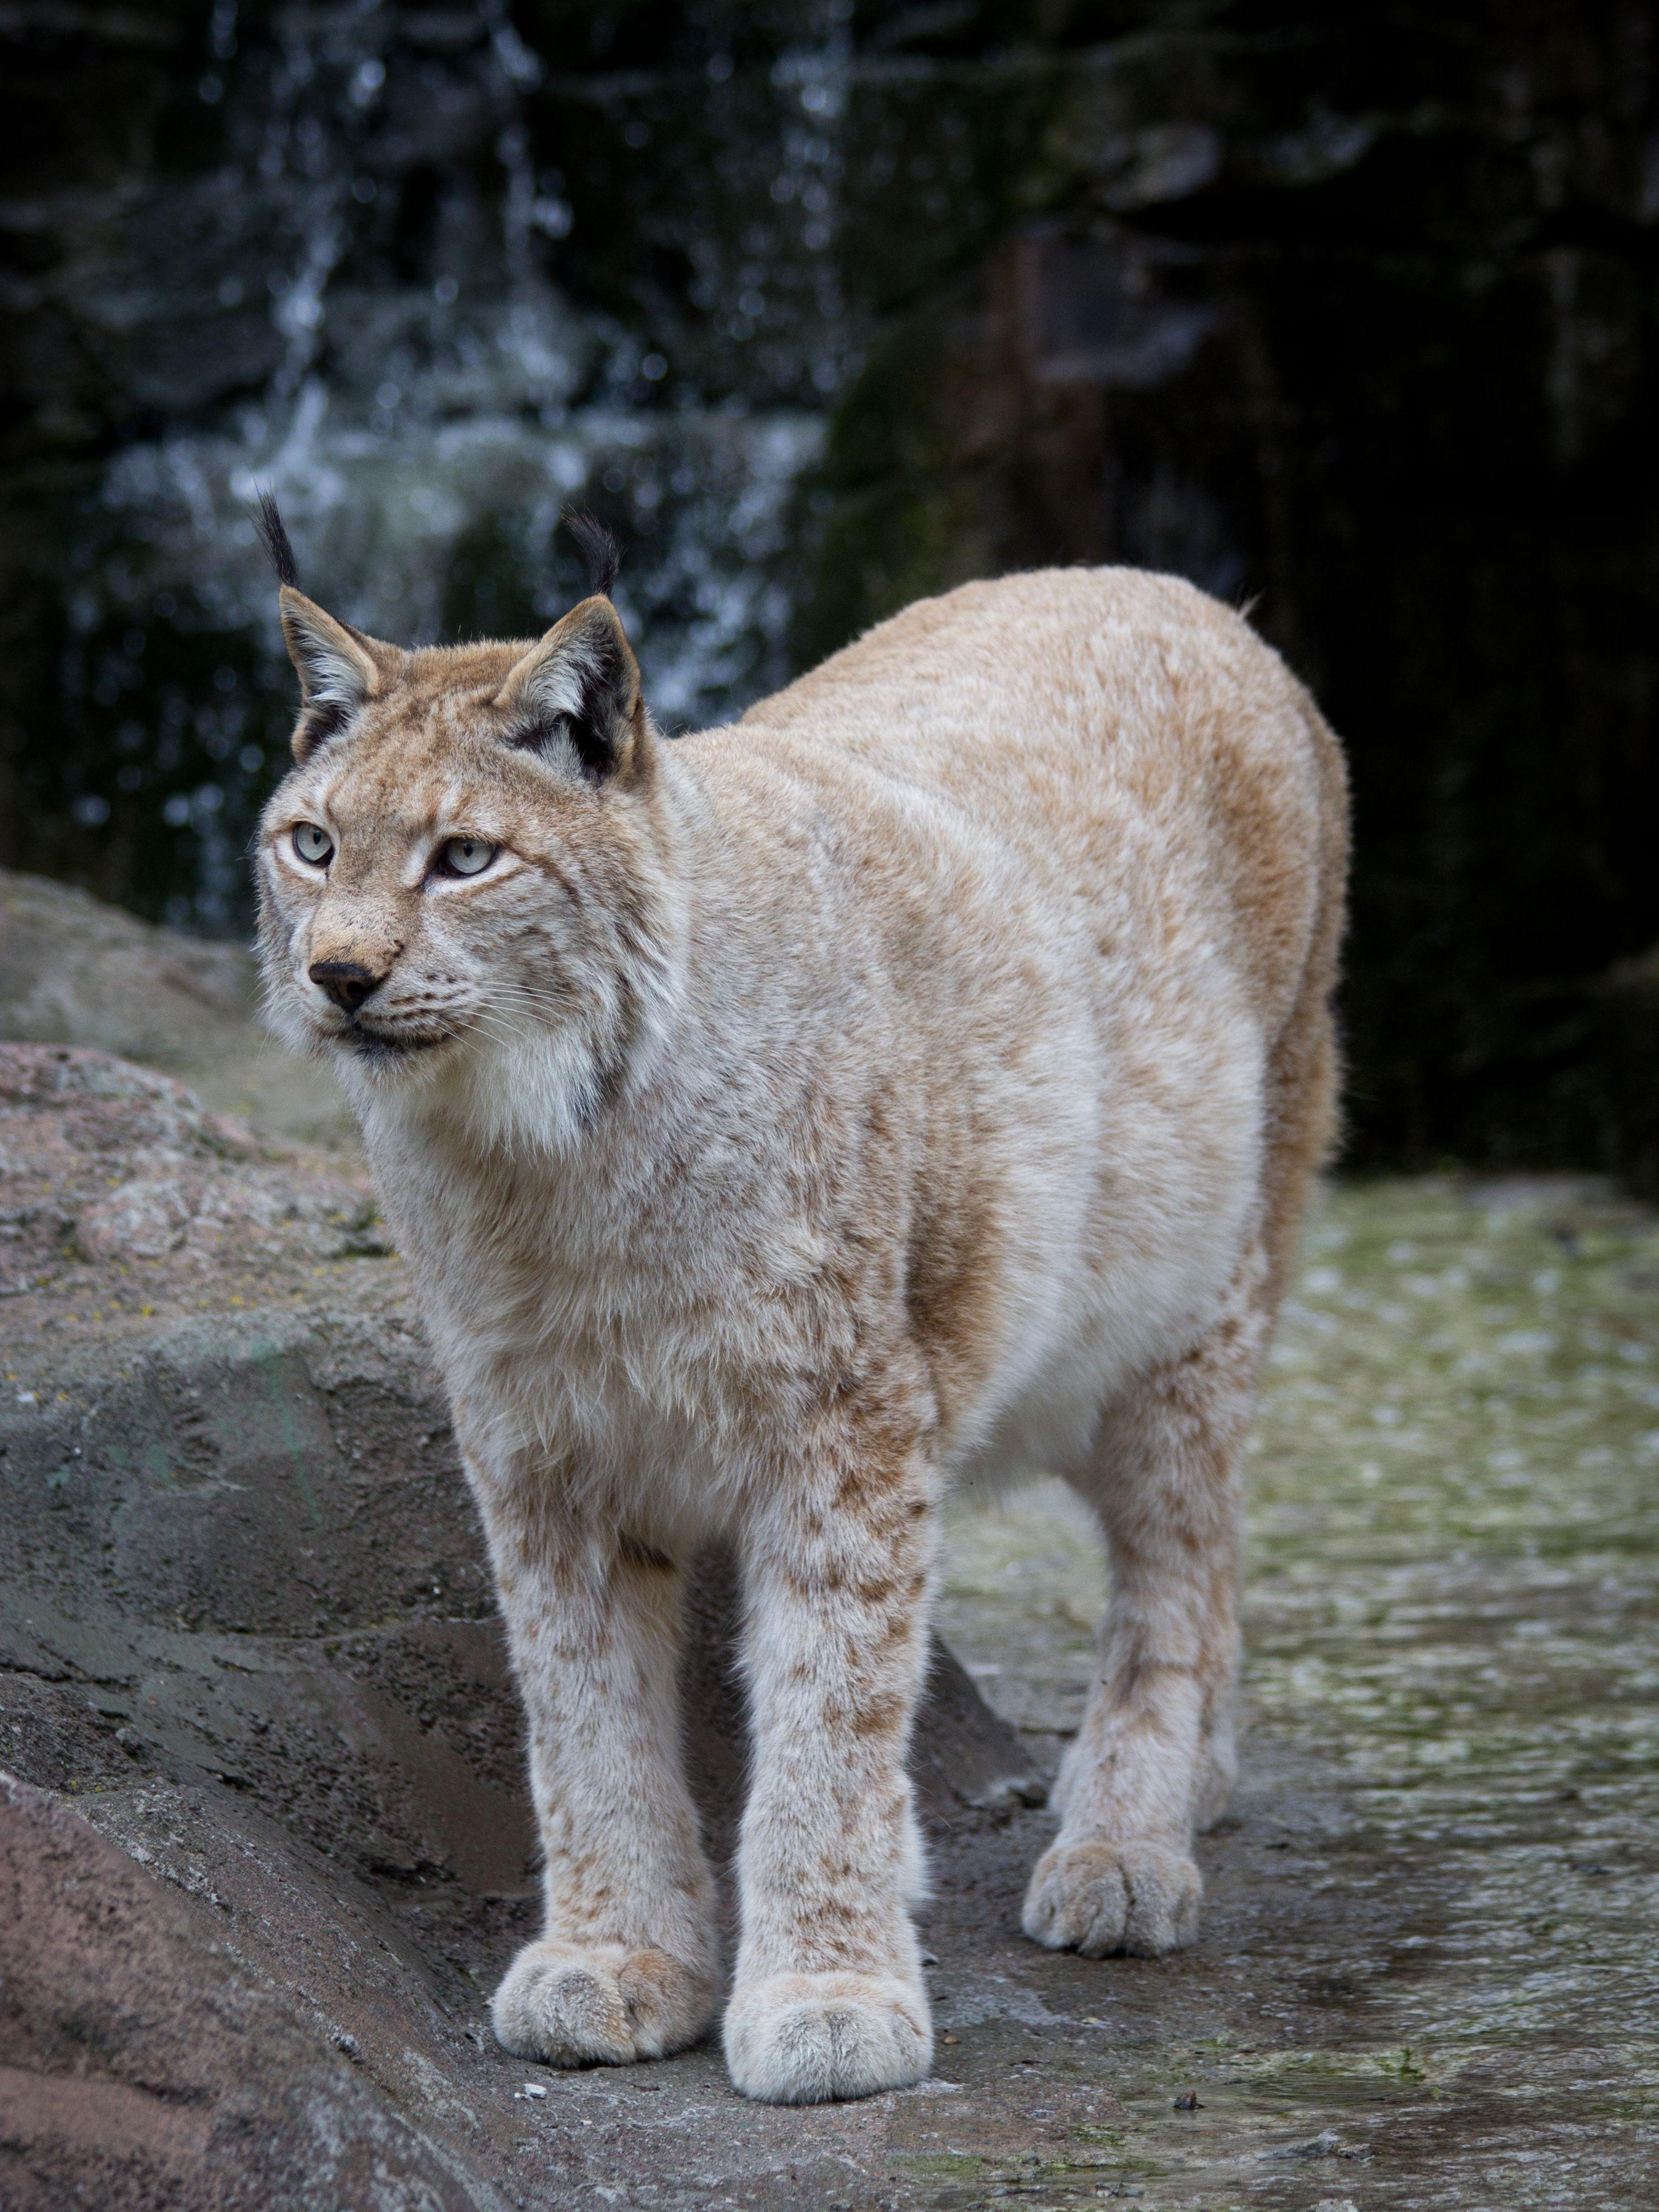 The Eurasian lynx (Lynx lynx) is a medium-sized cat native to ...